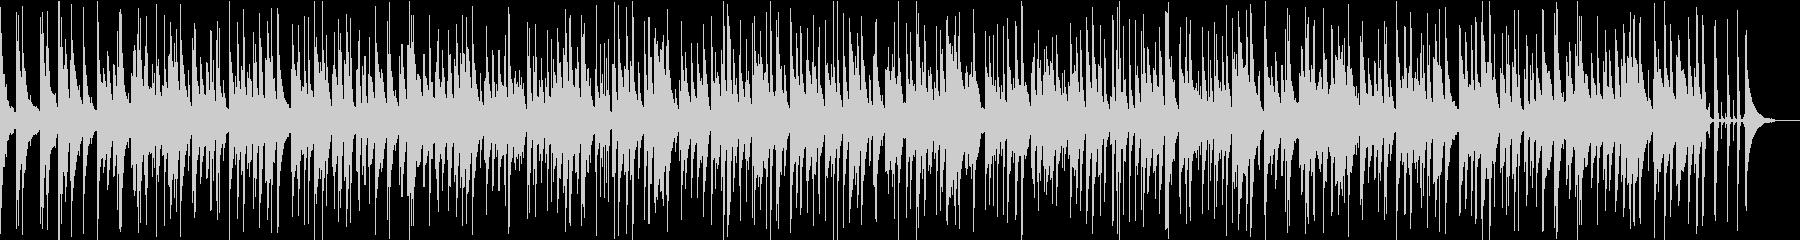 「ひいらぎかざろう」ジャズアレンジカバーの未再生の波形